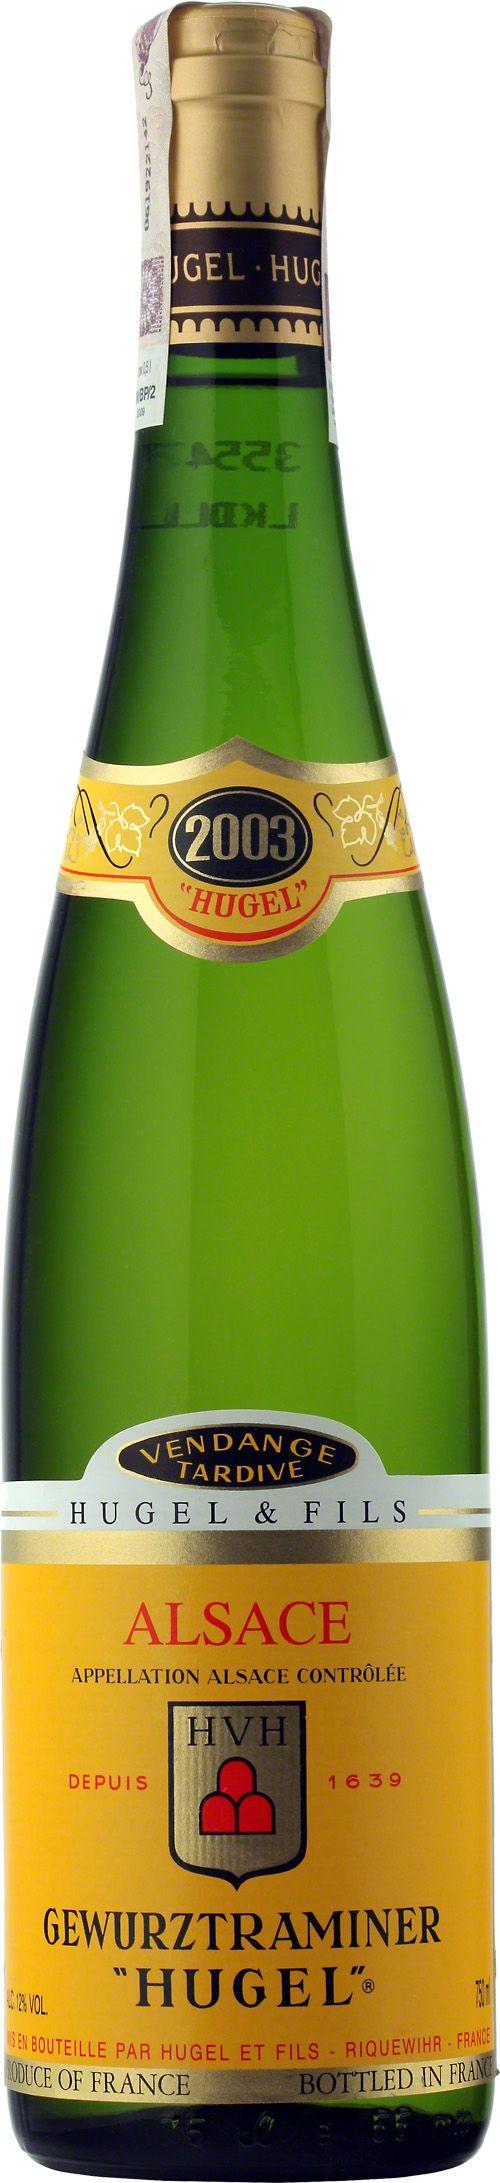 Hugel Vendange Tardive Gewürztraminer Alsace A.O.C. Duma i radość rodziny Hugel i pionier win późnego zbioru w Alzacji. Należy do wyjątkowych rarytasów i jest doceniane przez koneserów na całym świecie. Niezwykle głębokie i bogate wino, o gęstości nektaru. Może dojrzewać w butelce przez dziesięciolecia. Zdumiewająco złożony bukiet i smak. #Wino #Hugel #Gewurztraminer #Winezja #Alzacja